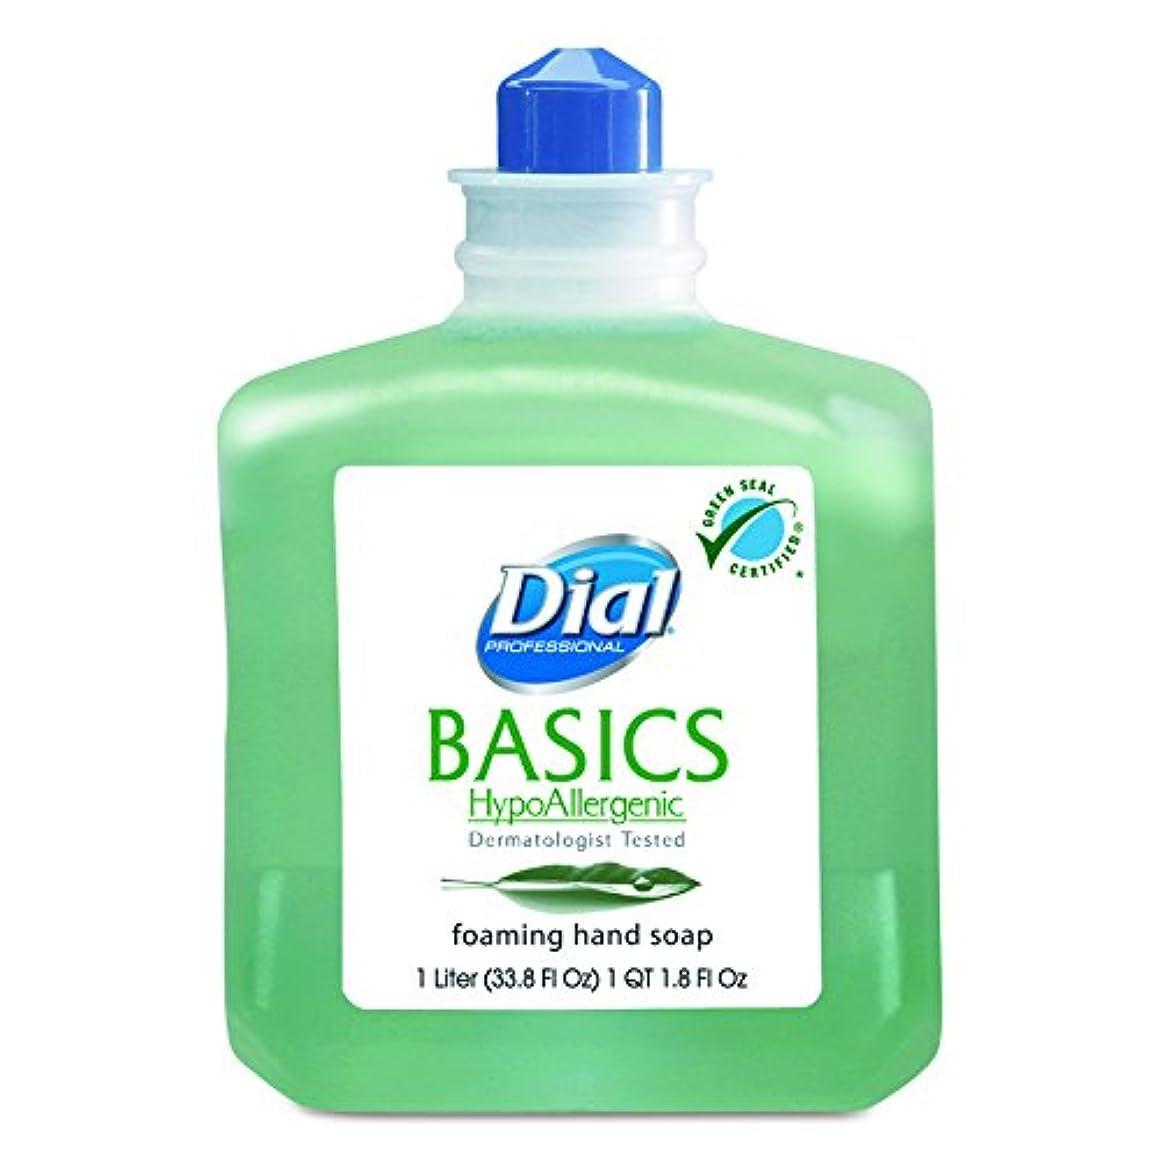 ヘア急性家事をするBasics Foaming Hand Soap Refill, 1000 mL, Honeysuckle (並行輸入品)